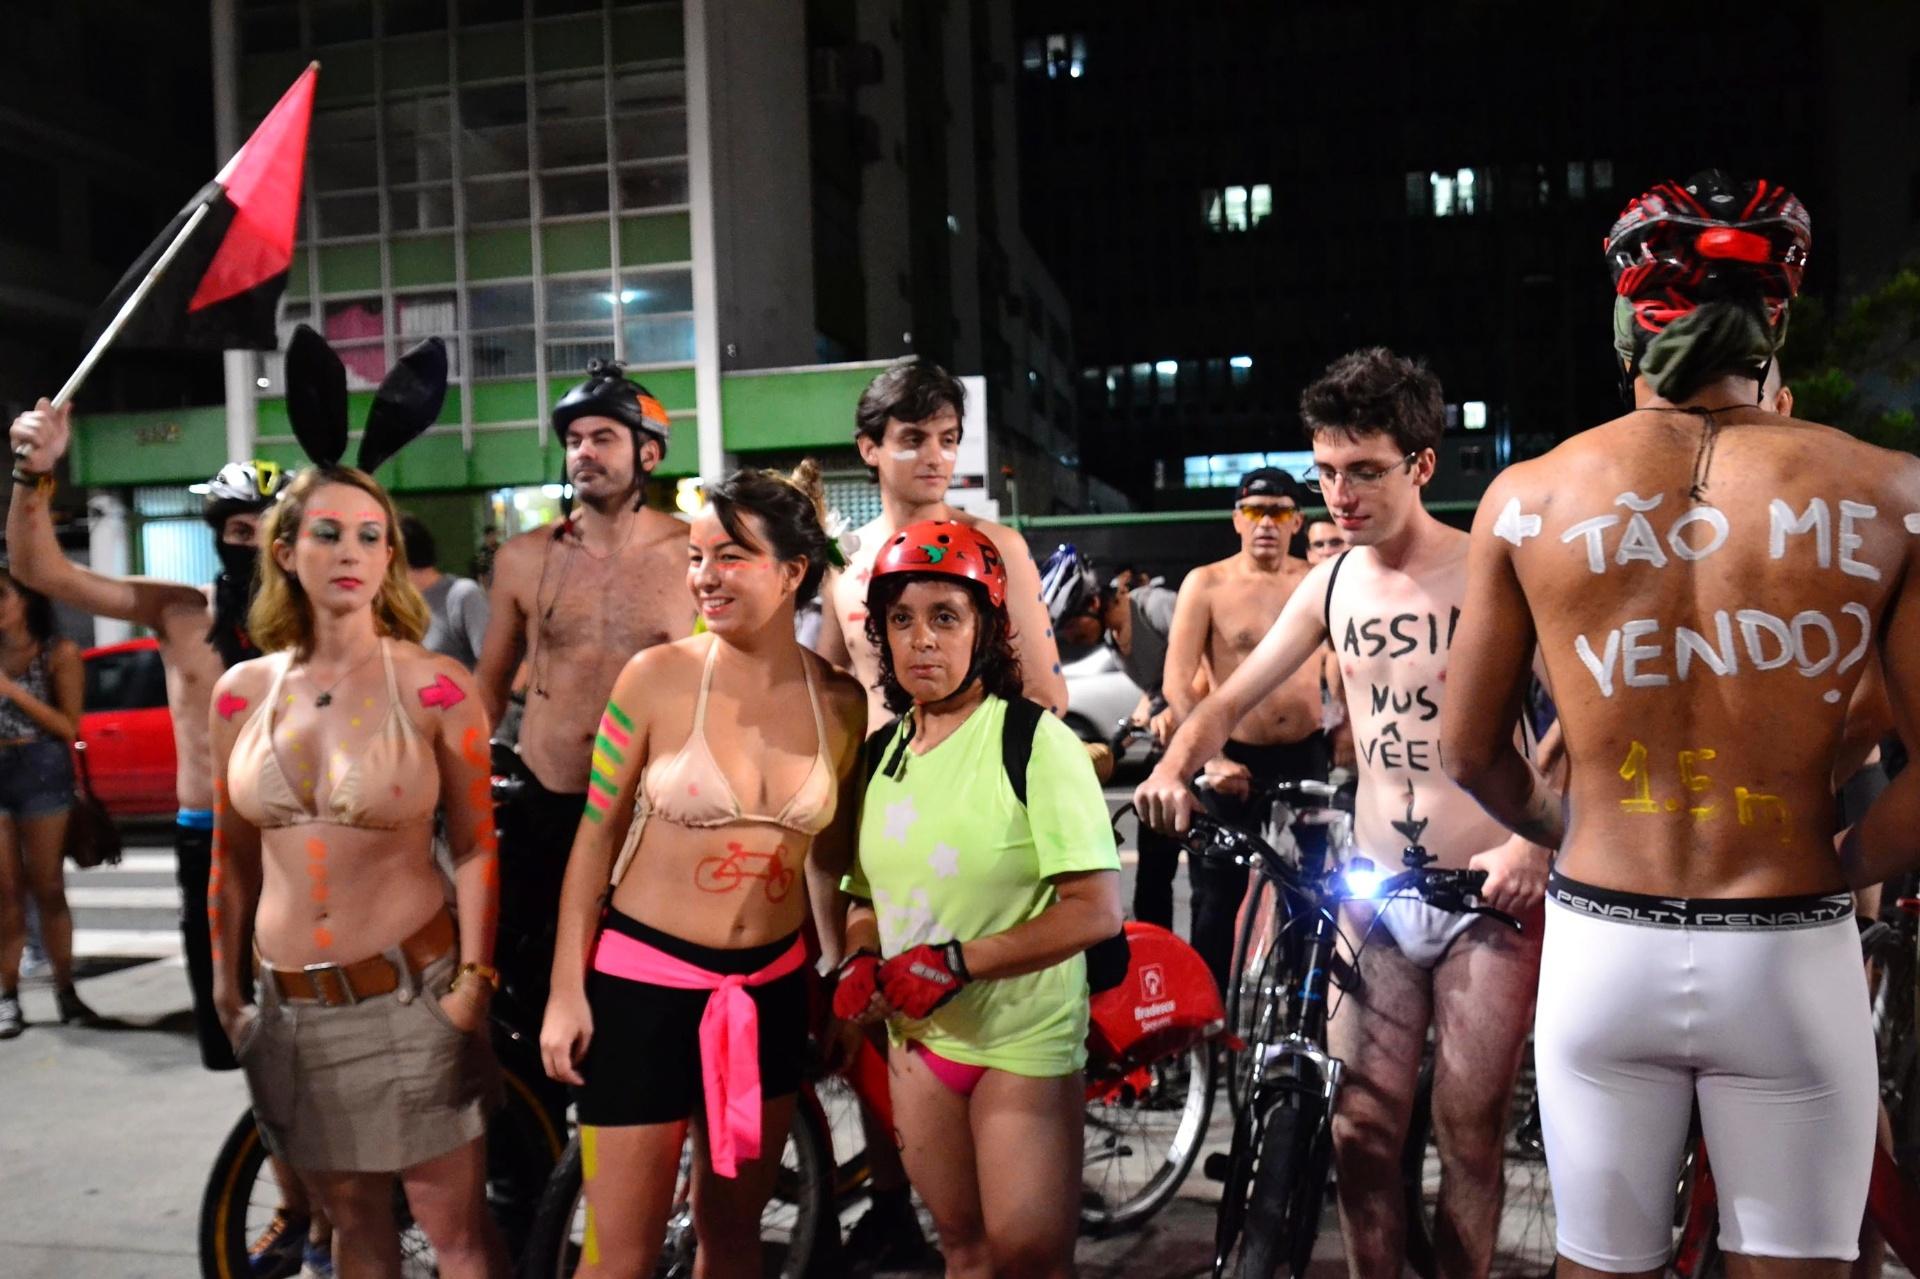 Arthur Aguiar Nu Pelado ciclistas protestam pelo brasil e pelo mundo - fotos - uol